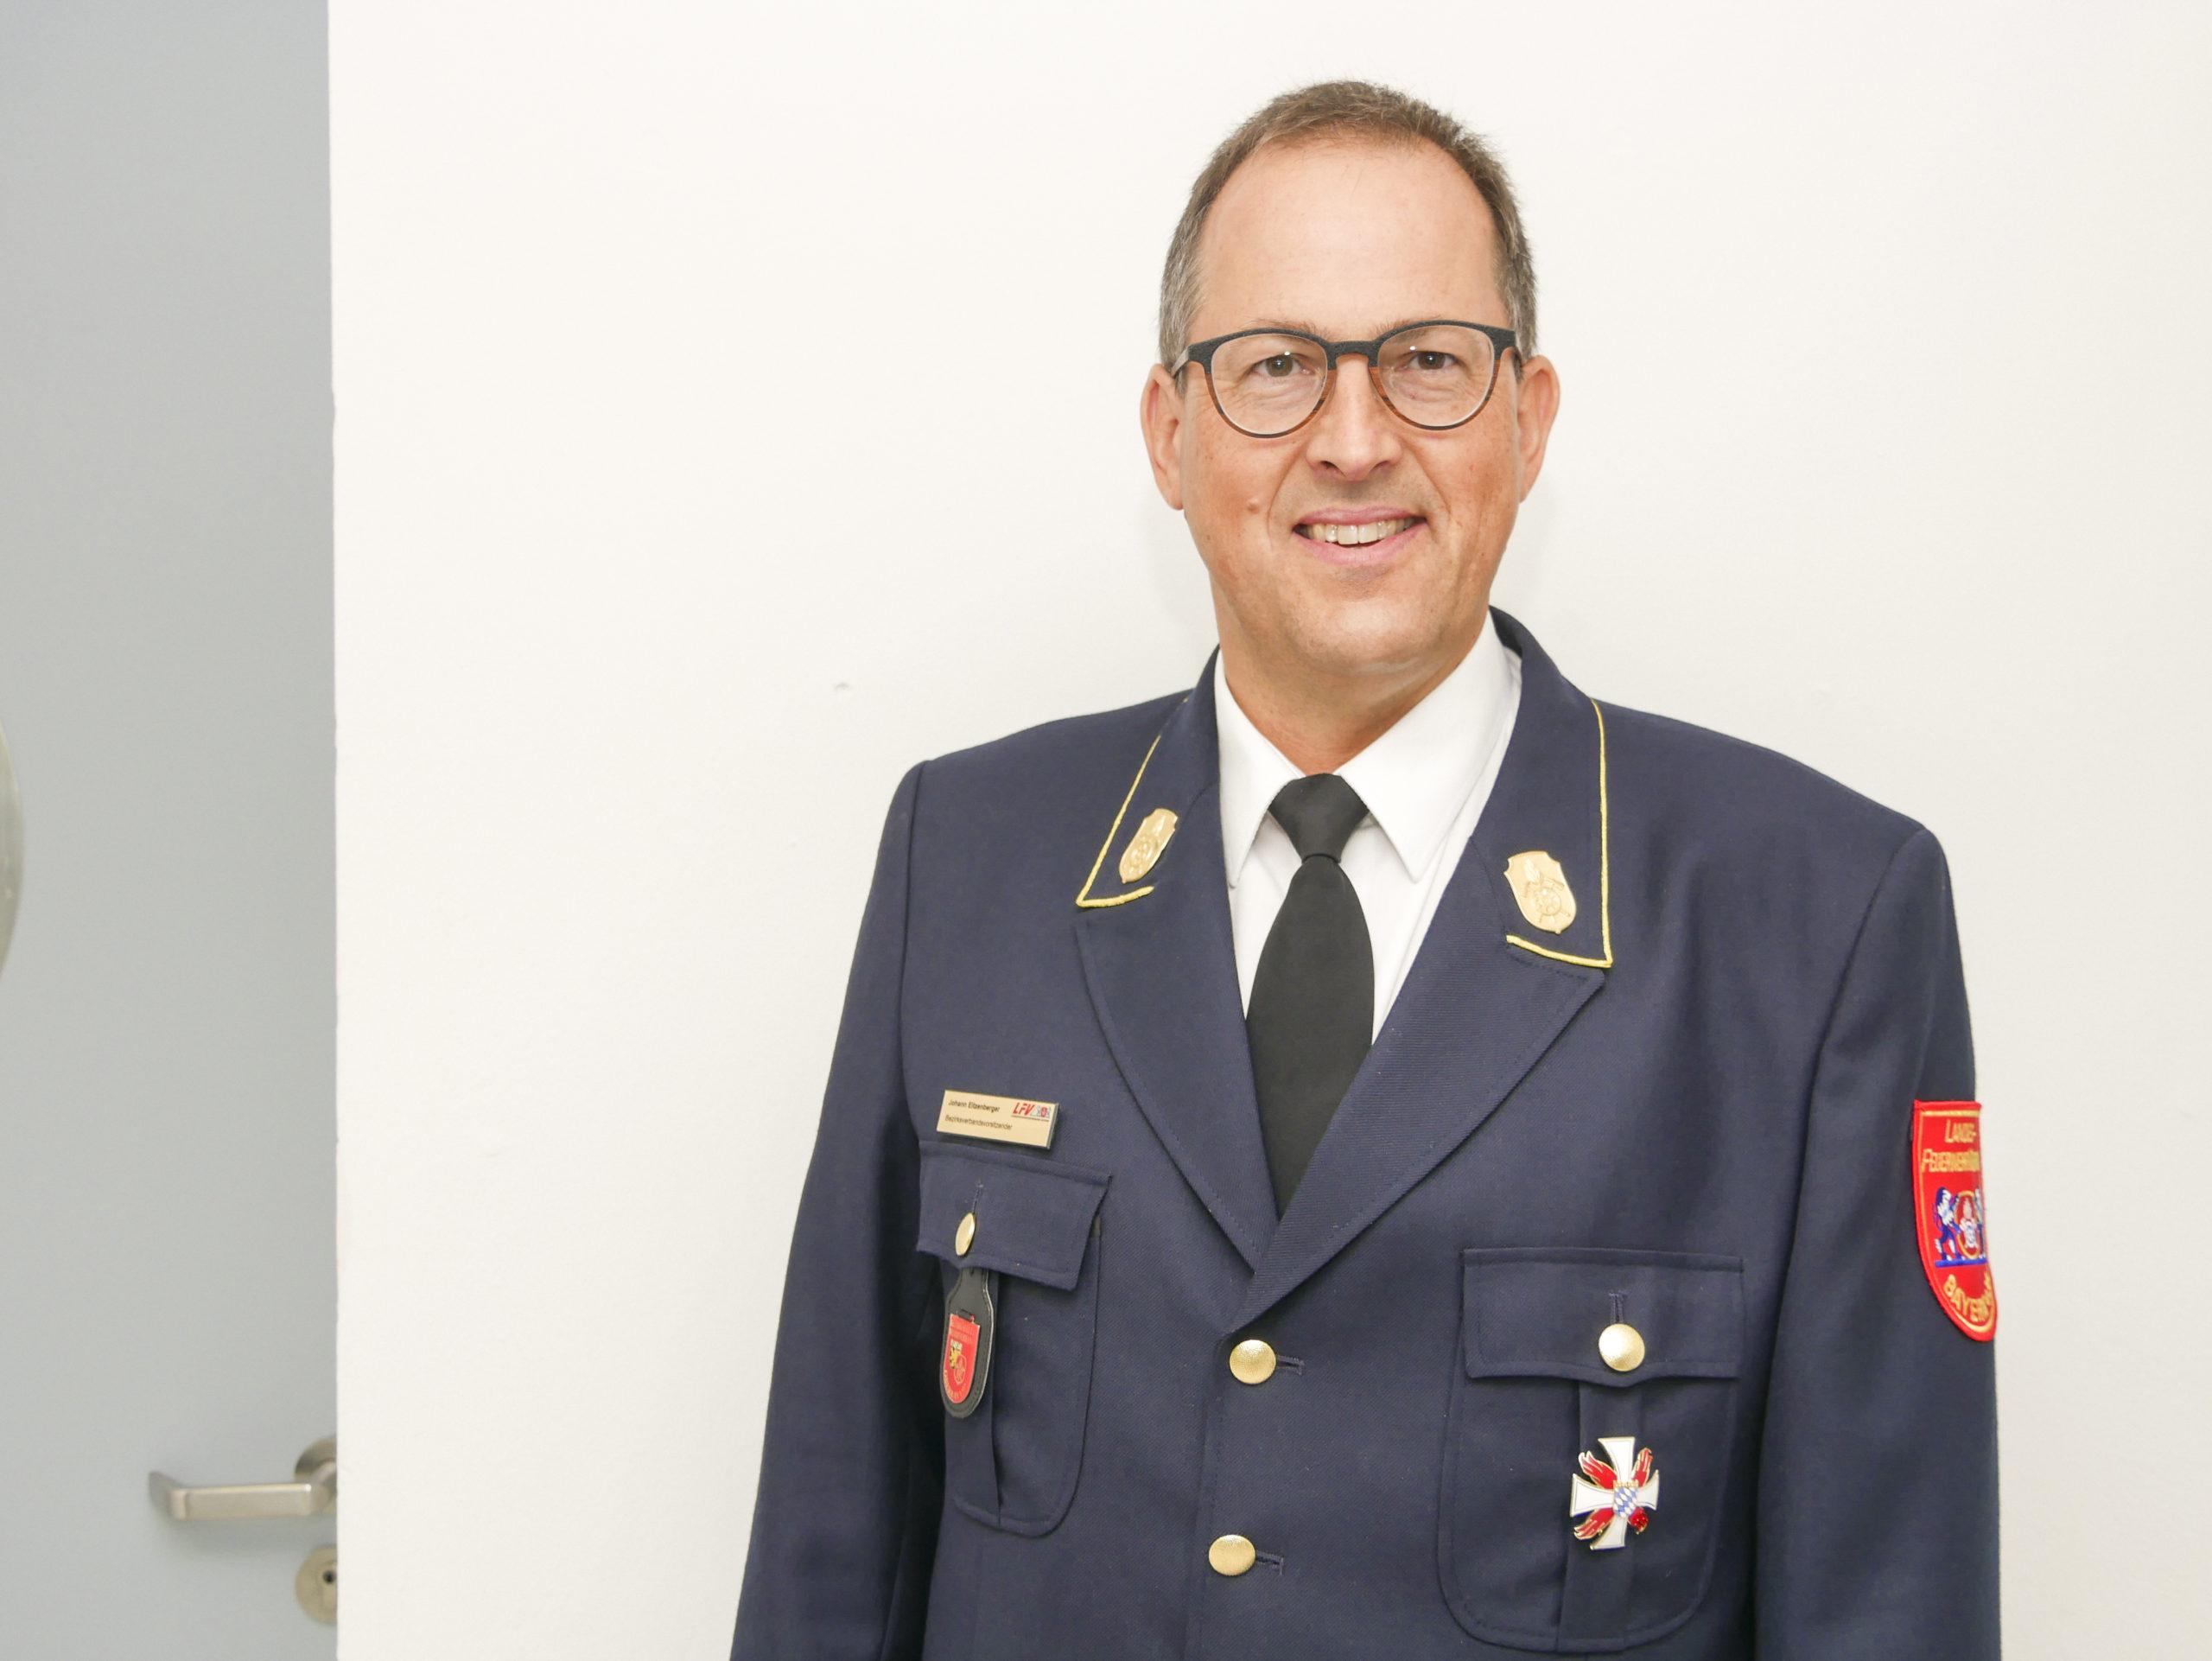 Johann Eitzenberger